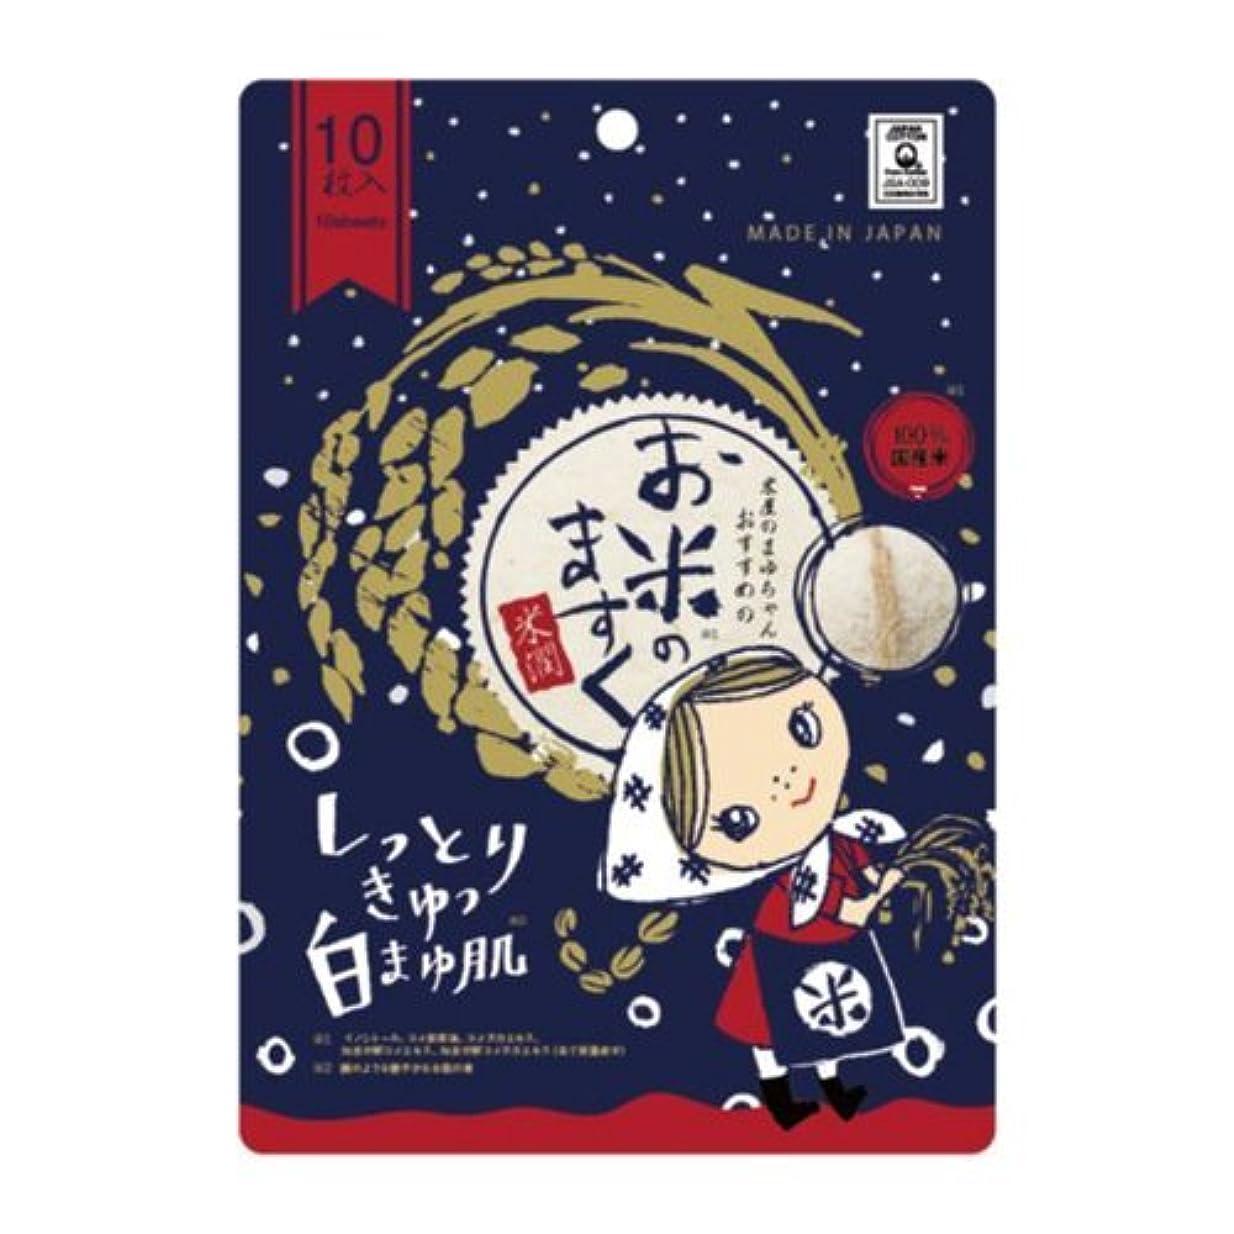 伝記モニカ一握り米屋のまゆちゃんおすすめのお米のマスク